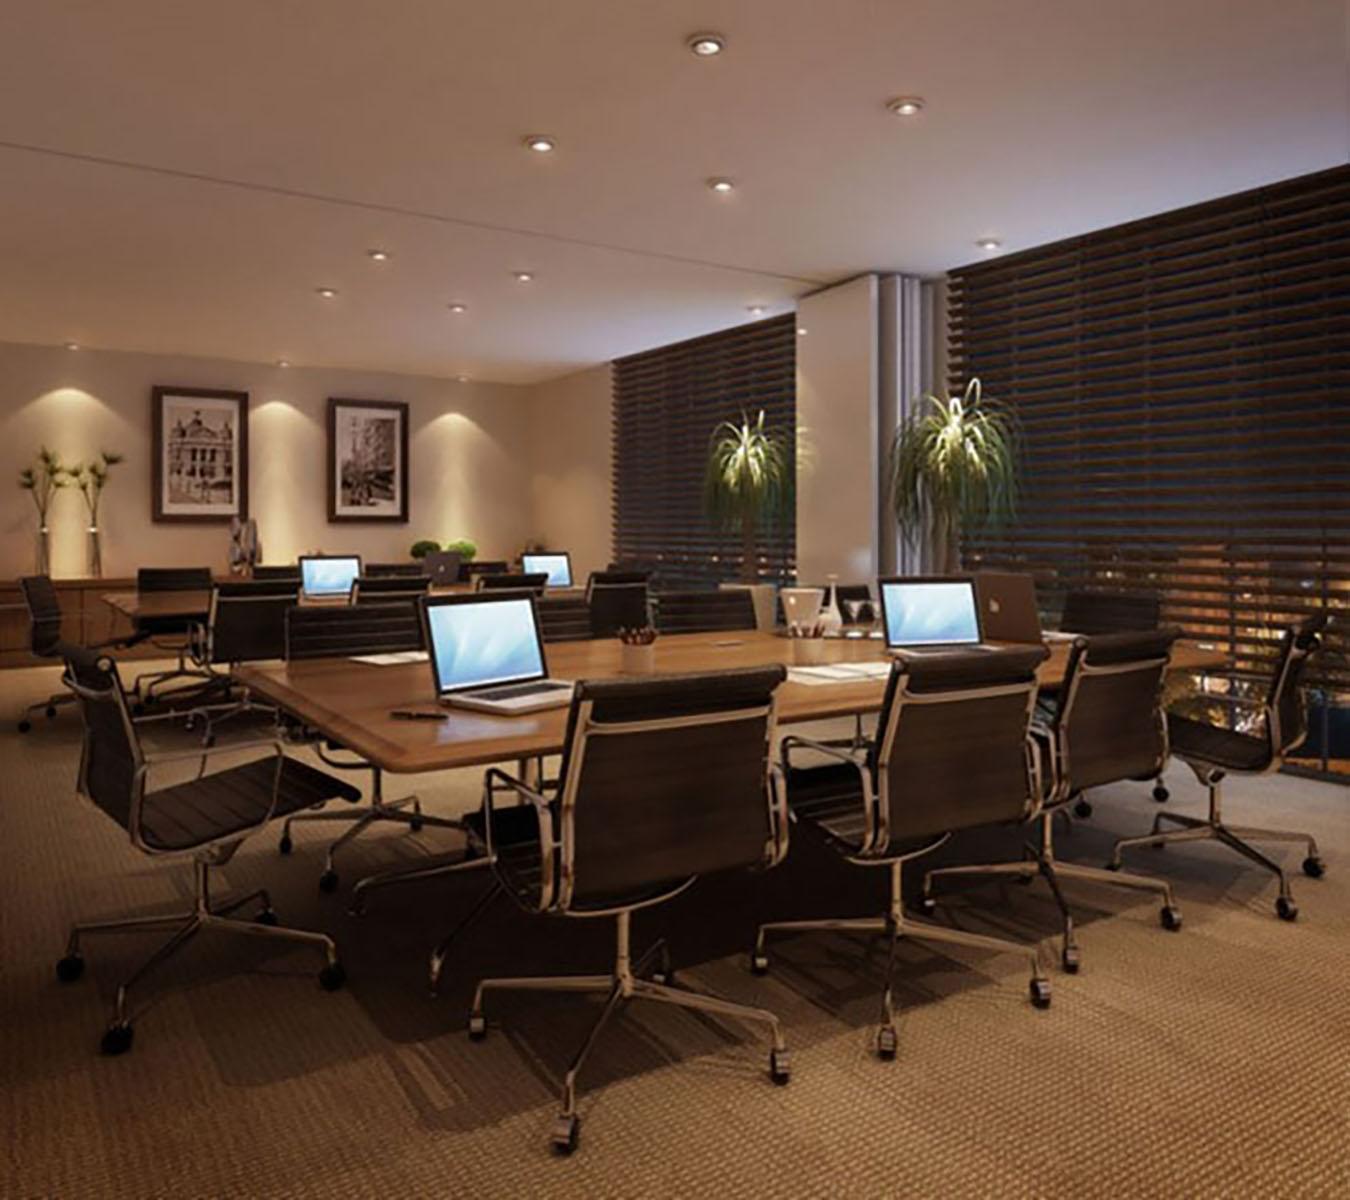 Perspectiva Ilustrada da Sala de Reunião Connect Work Station